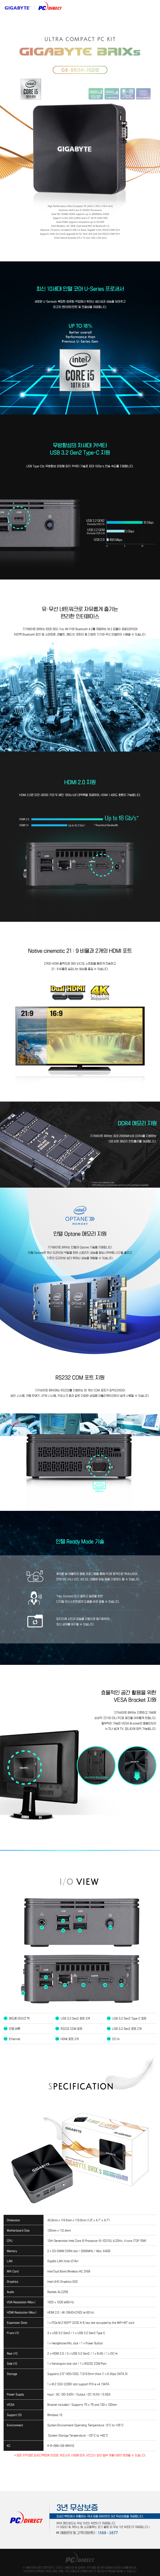 GIGABYTE BRIX GB-BRi5H-10210 SSD 피씨디렉트 (8GB, SSD 240GB)